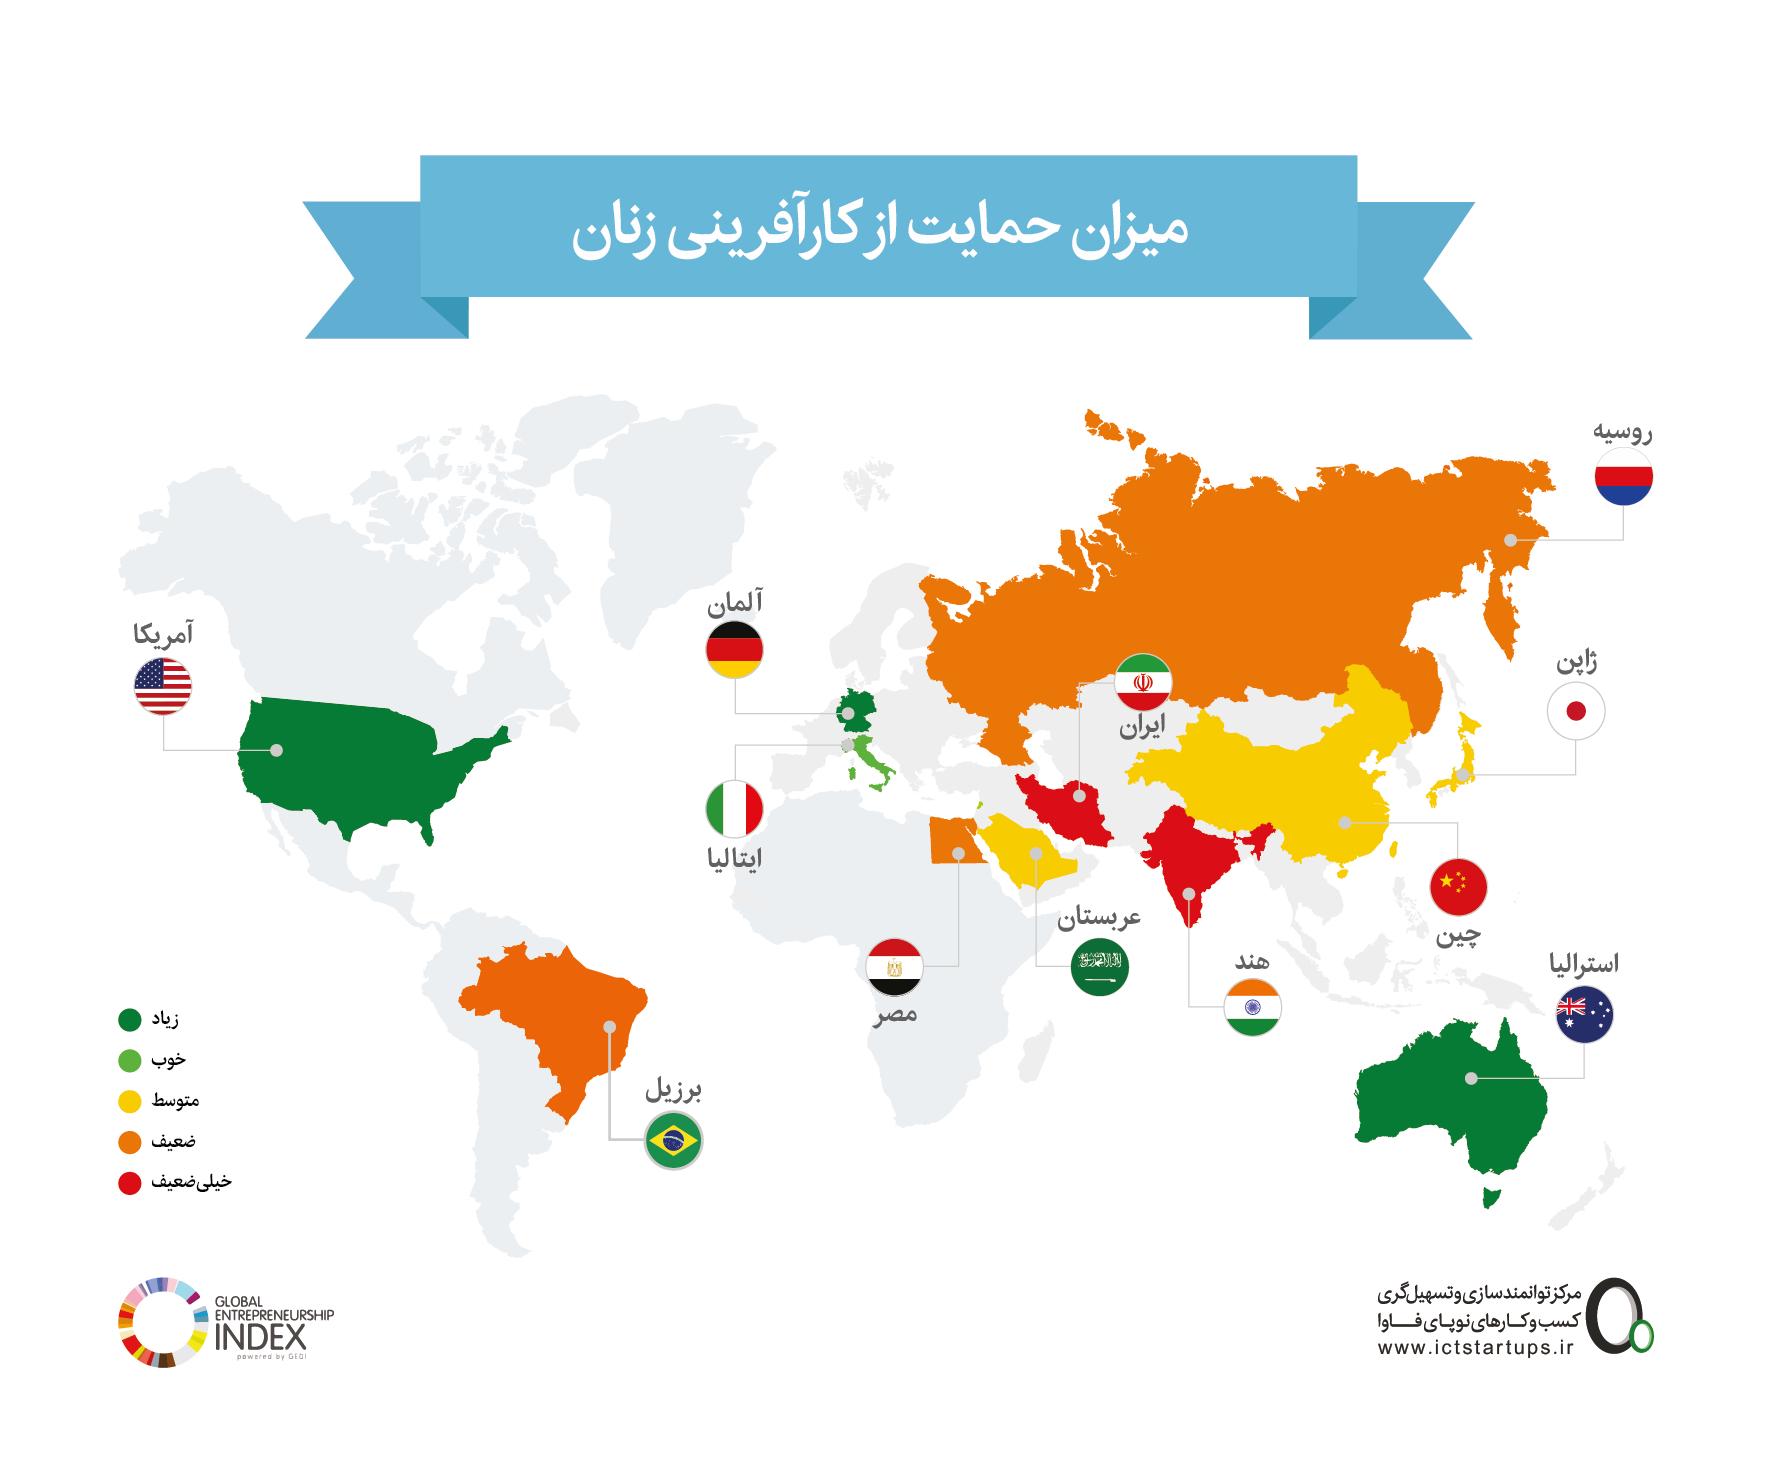 حمایت از کارآفرینی زنان در ایران و جهان